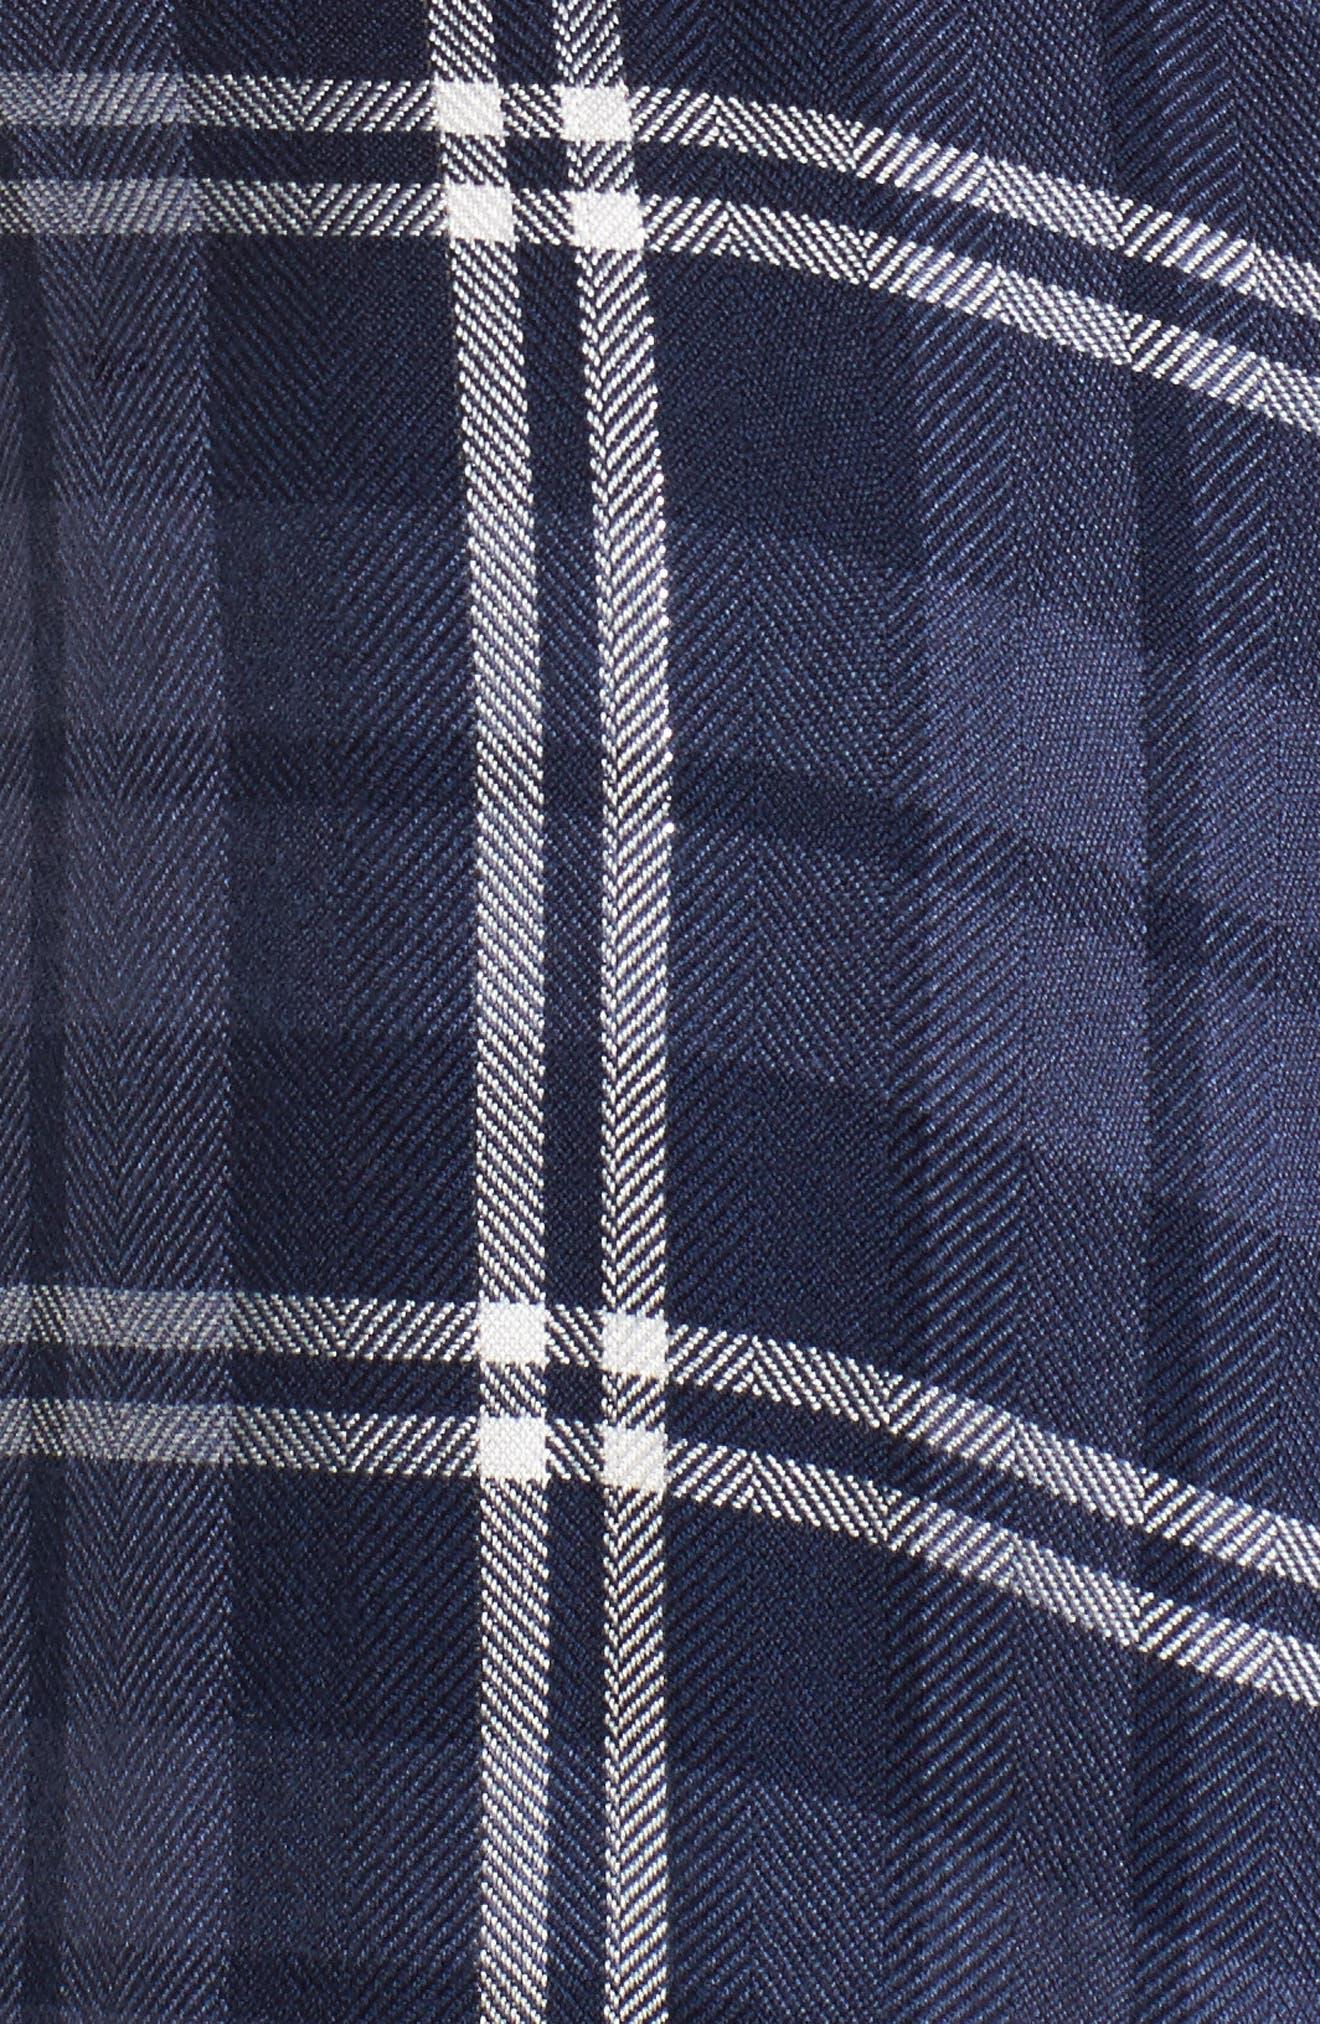 Hunter Plaid Shirt,                             Alternate thumbnail 610, color,